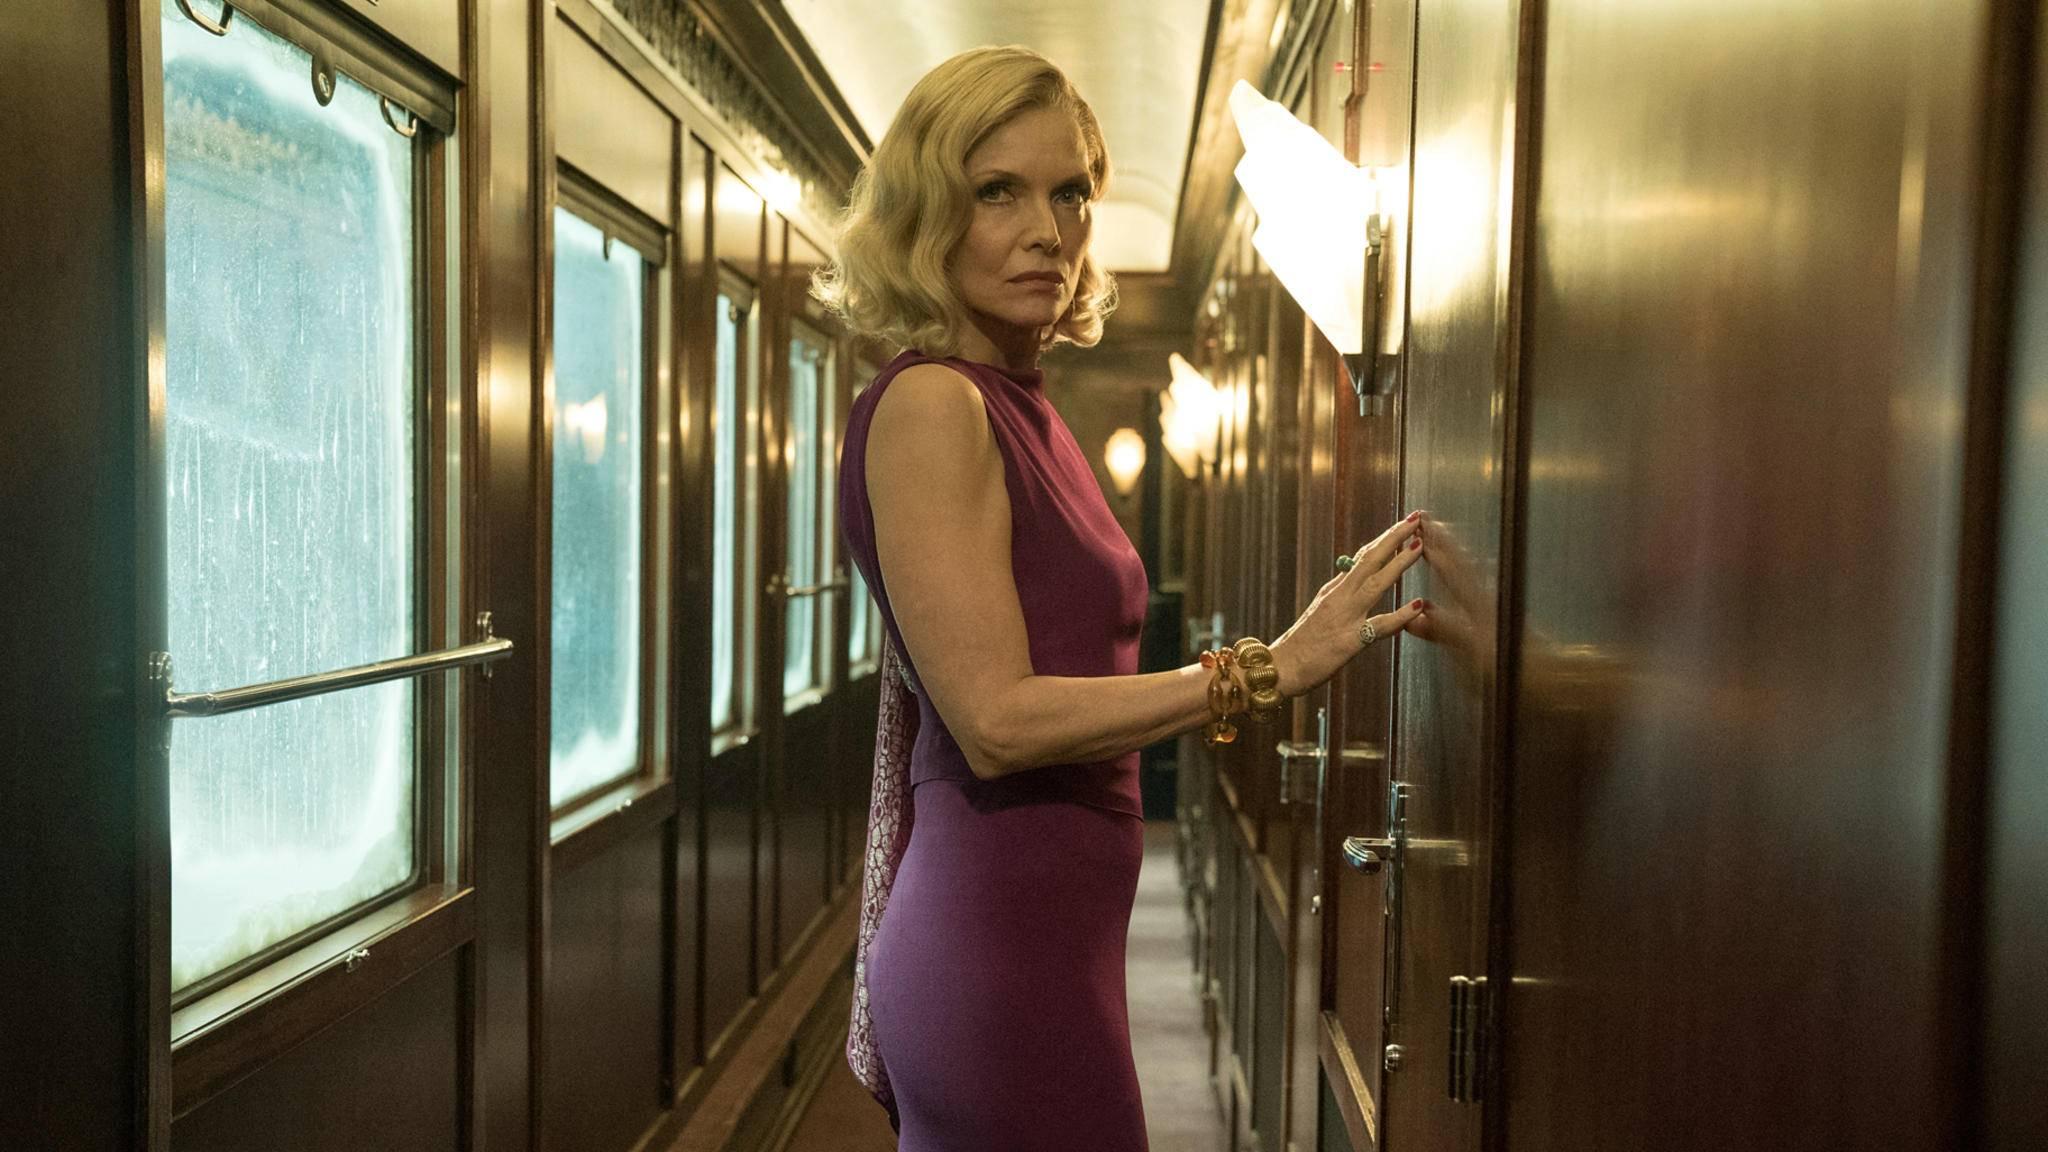 Selbst Hollywoodgrößen wie Michelle Pfeiffer müssen manchmal schärfere Geschütze für eine Rolle auffahren.